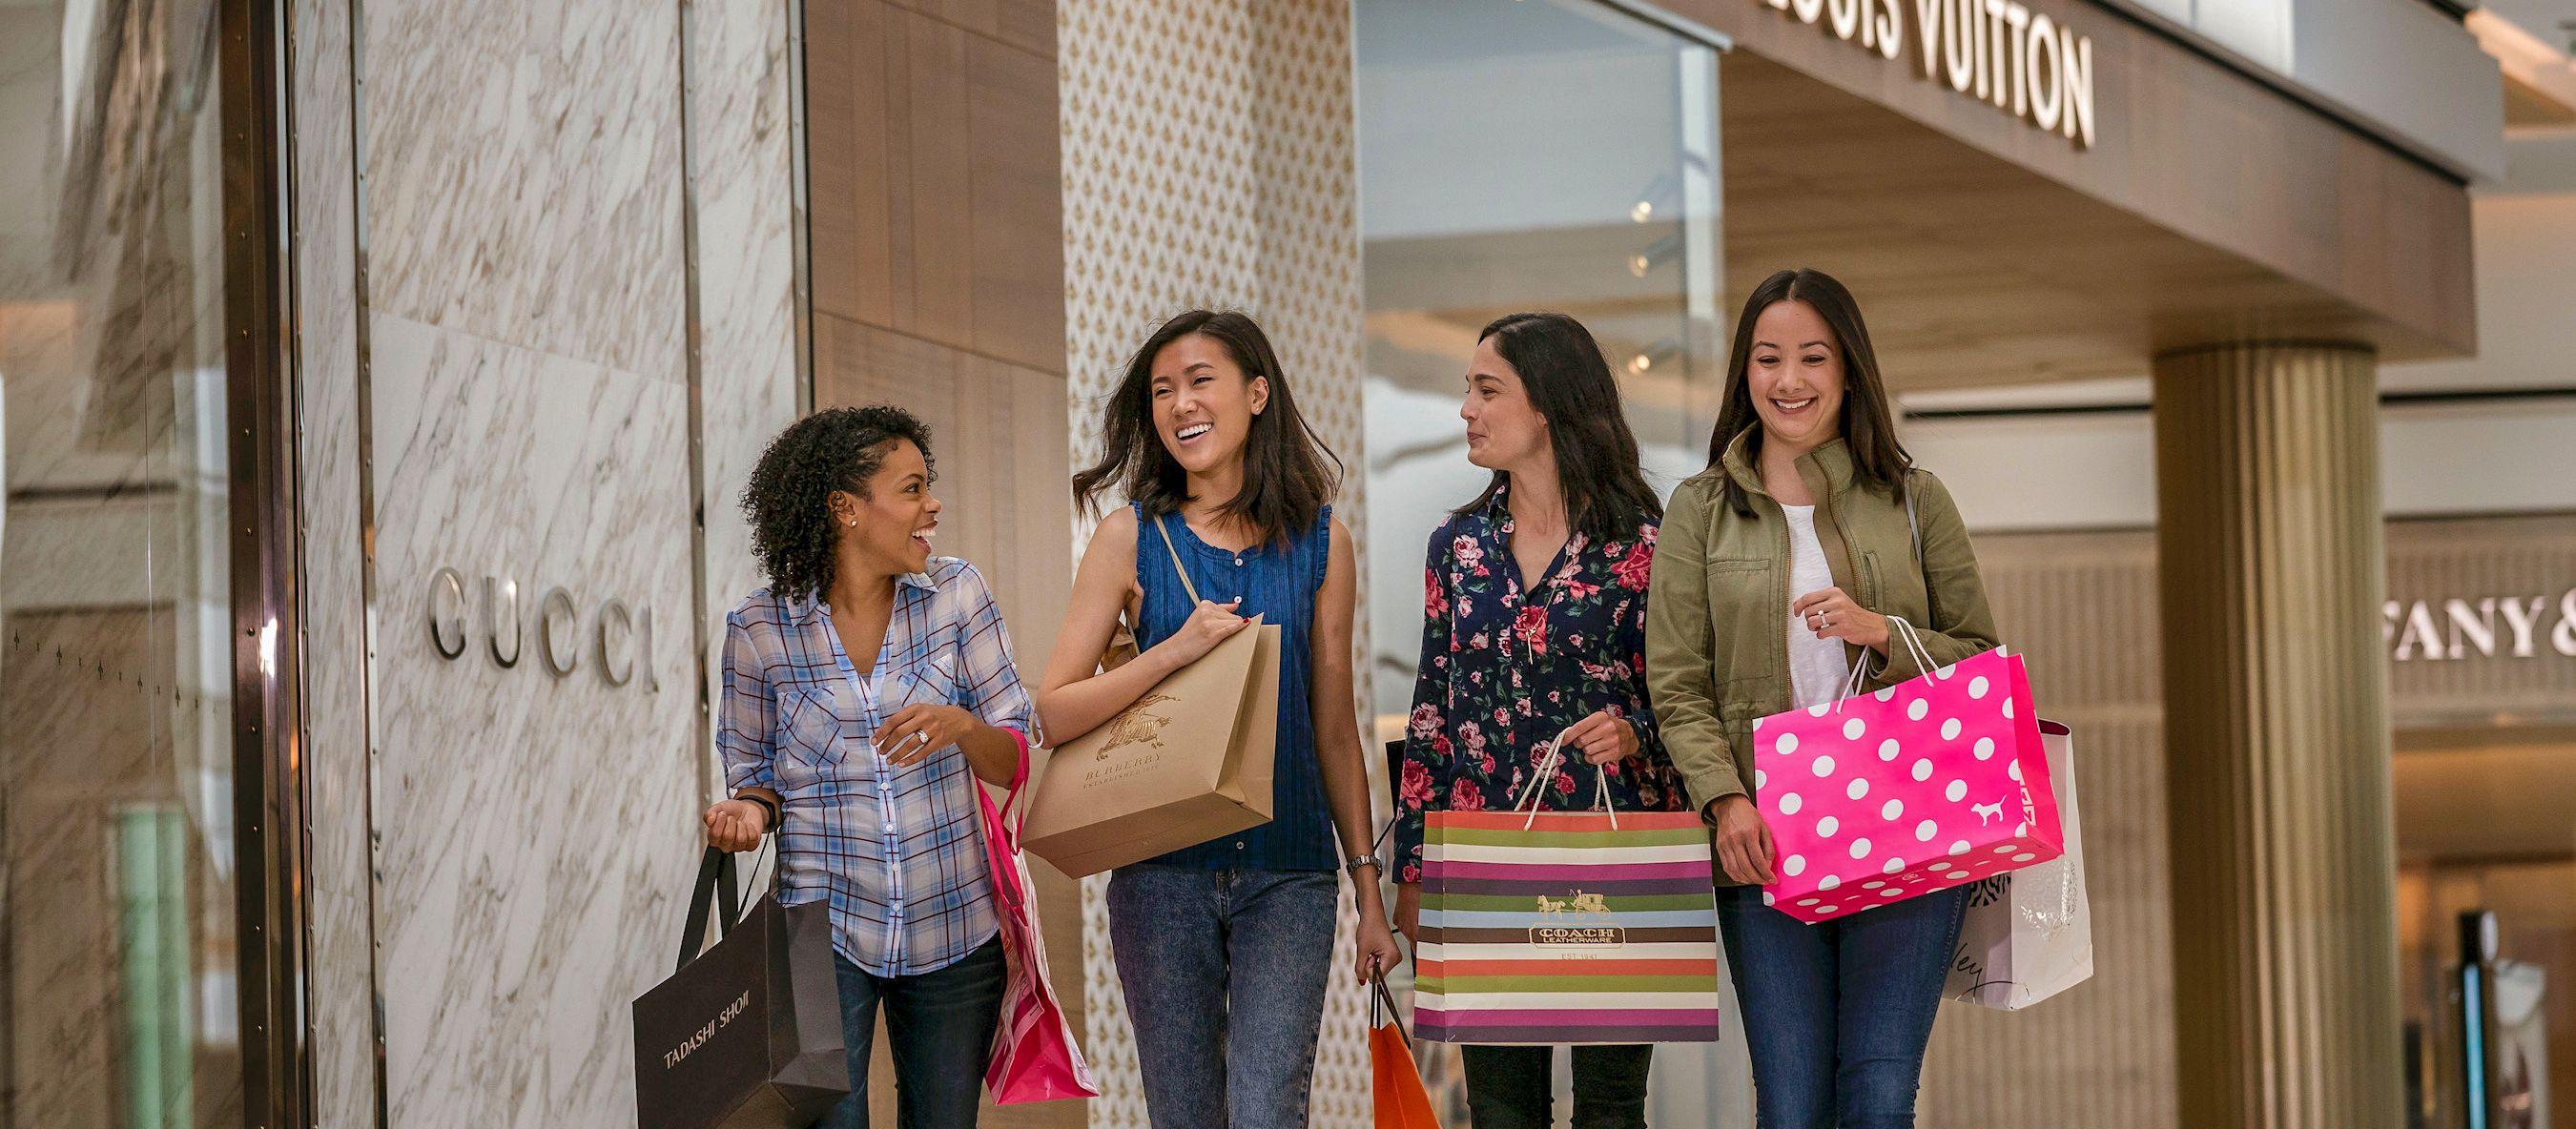 Eine Gruppe Frauen in der King of Prussia Mall in einem Vorort von Philadelphia